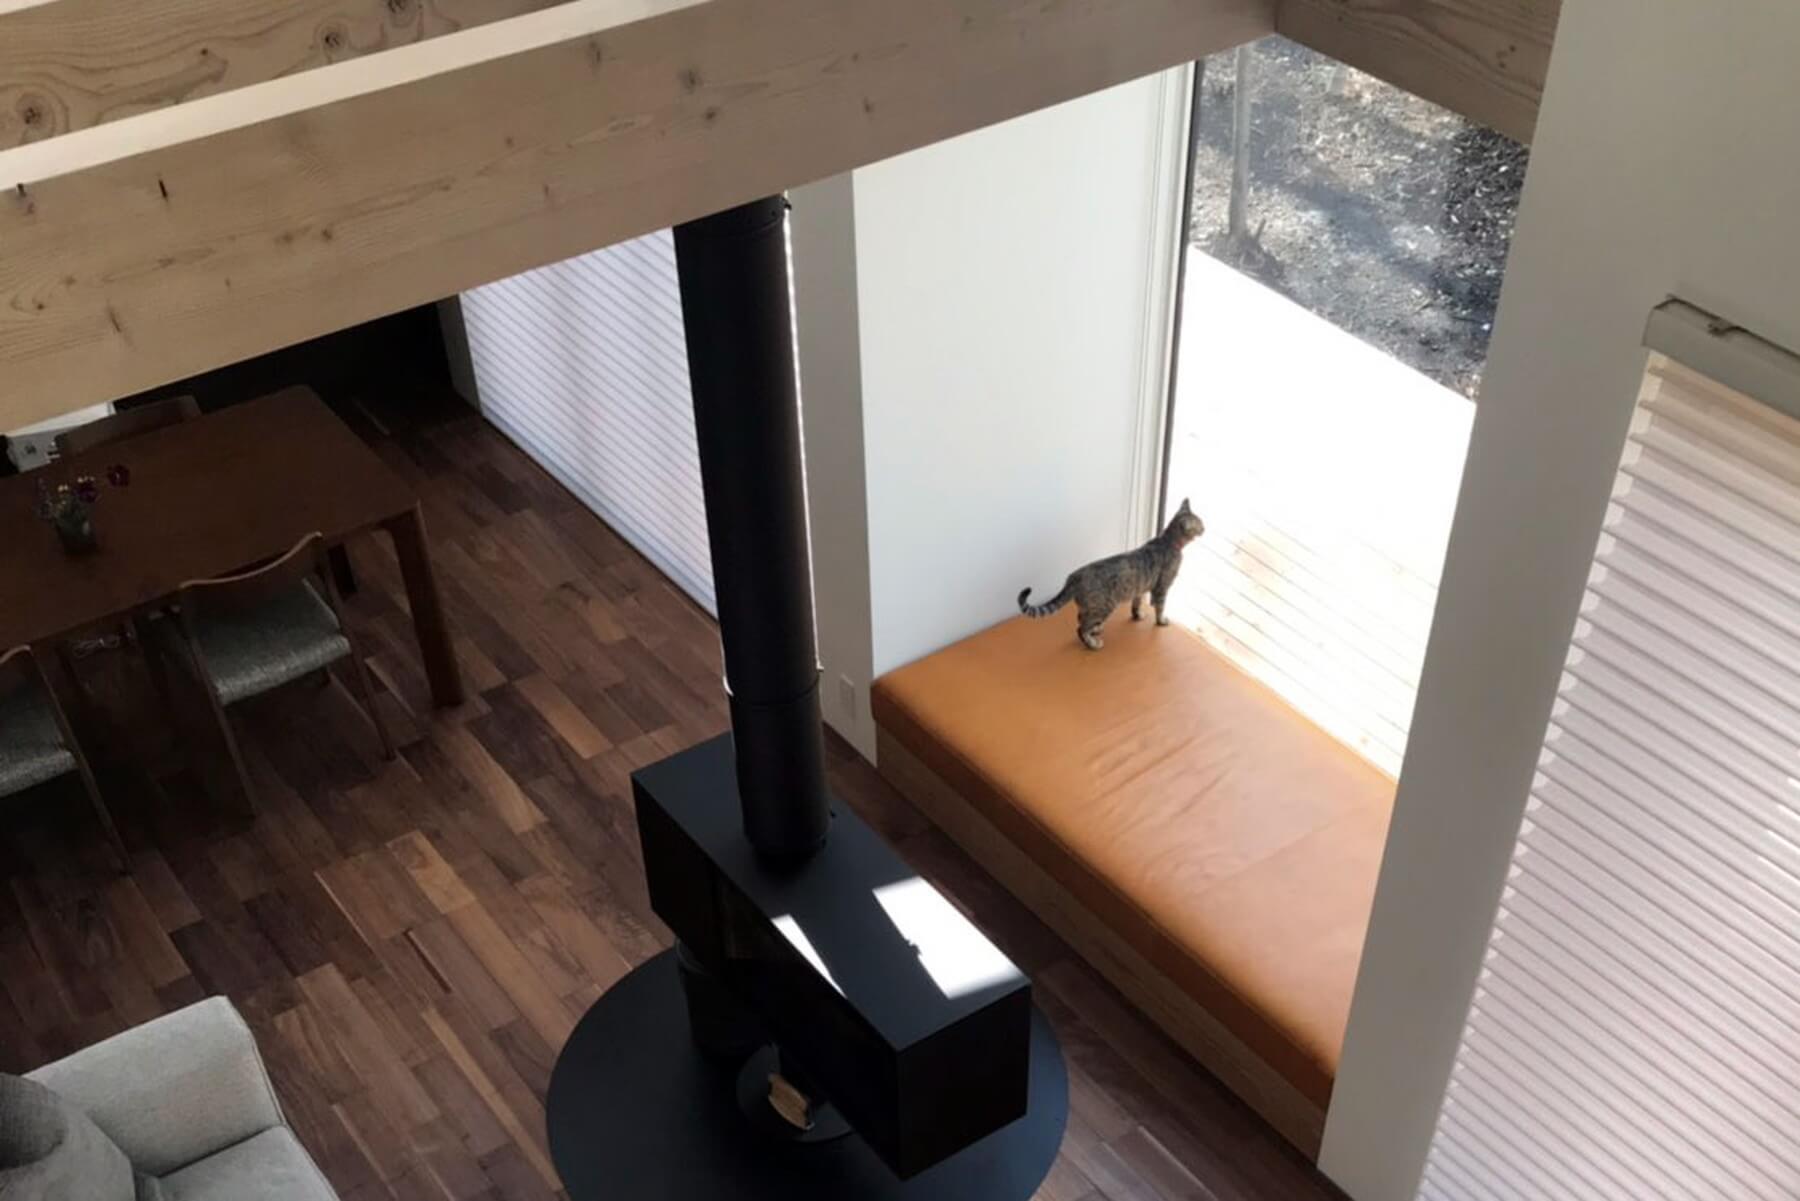 居ごこち良い窓辺を/KOKOROISHIソファのお客様の声